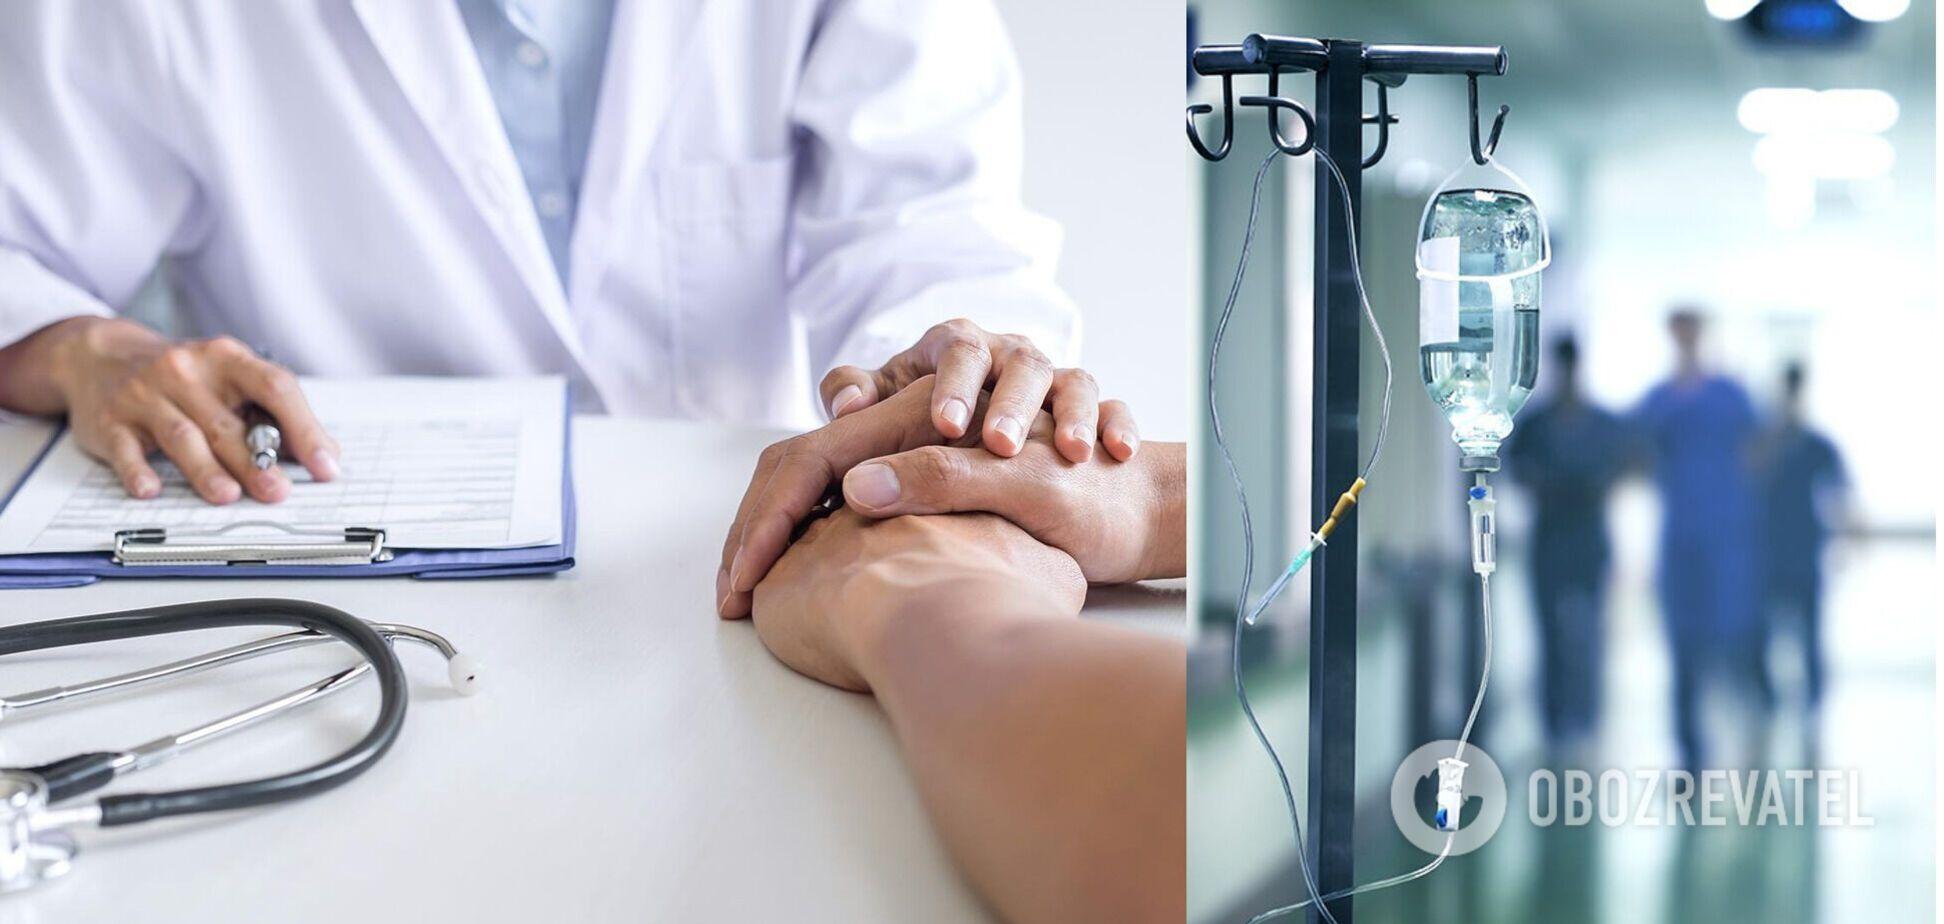 В больнице Днепра пациент совершил самоубийство: он страдал тяжелой болезнью